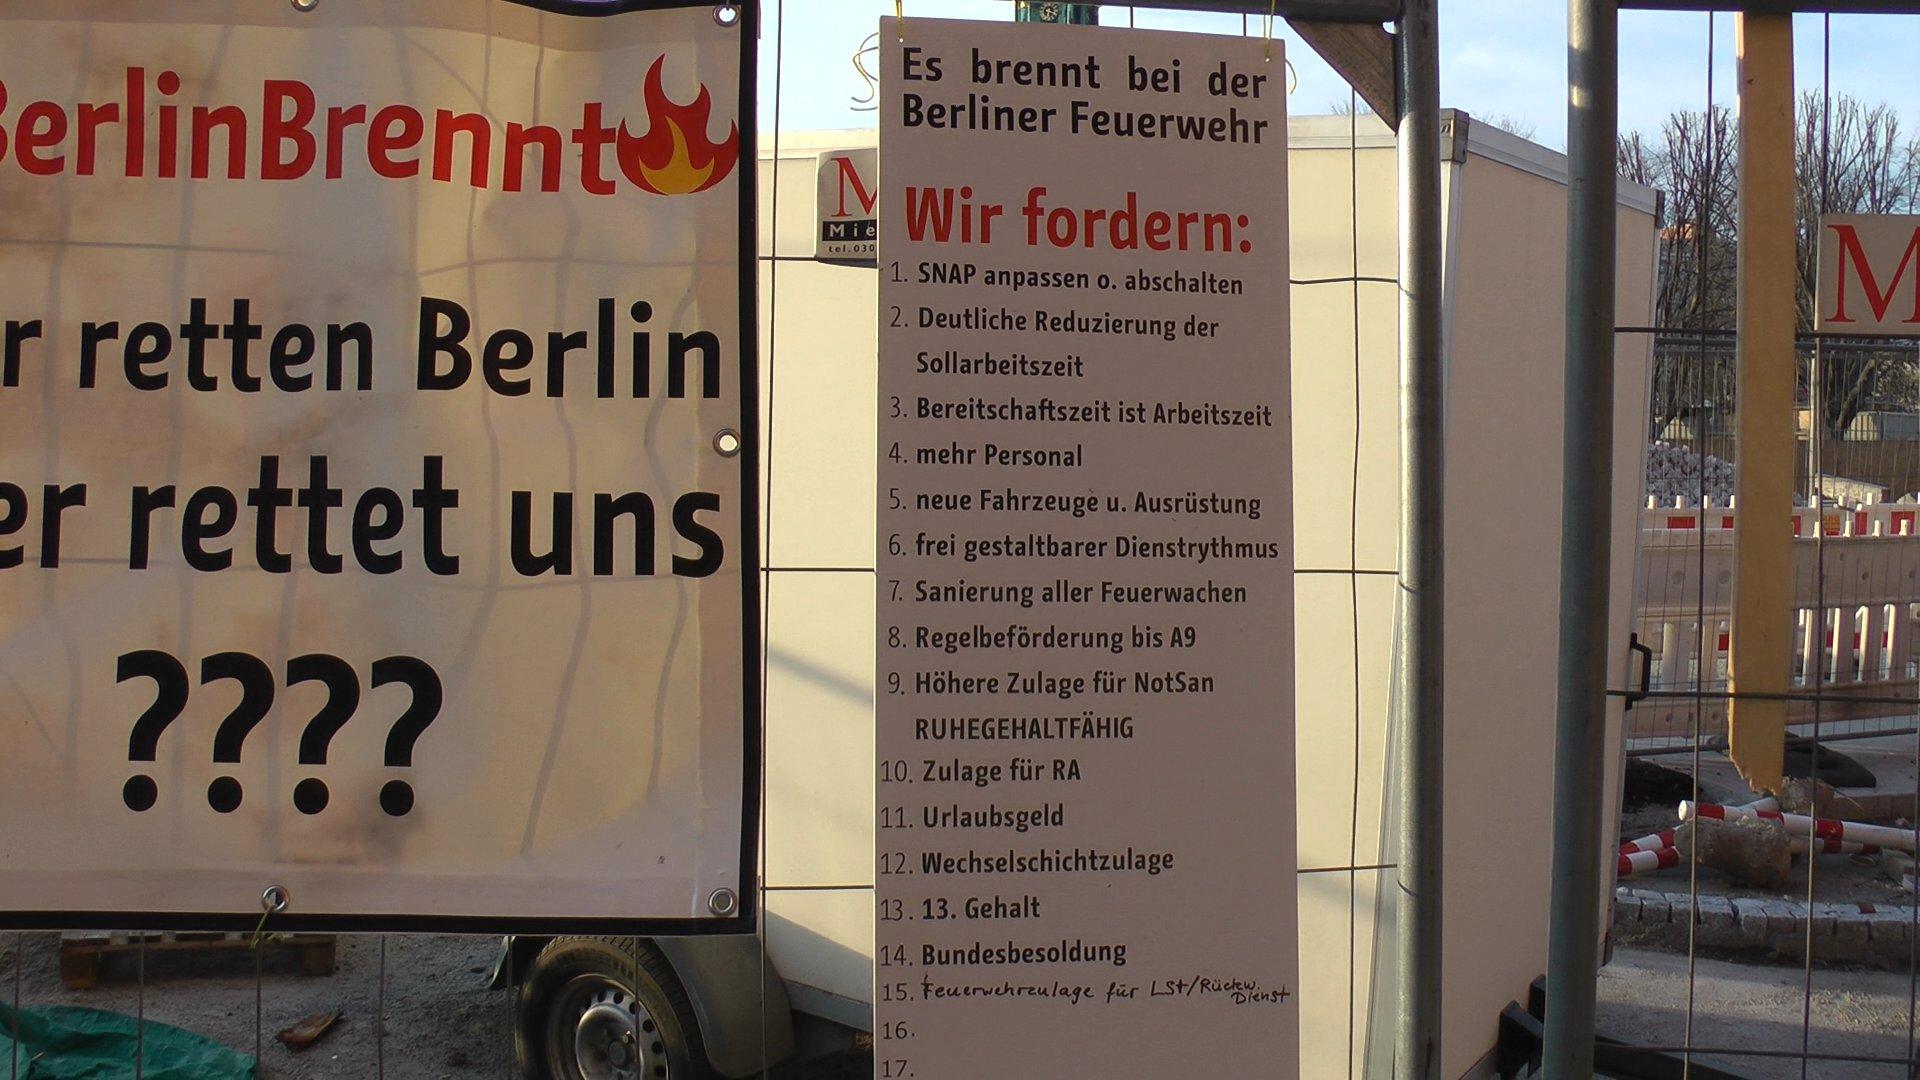 Berlinbrennt forderungen.JPG